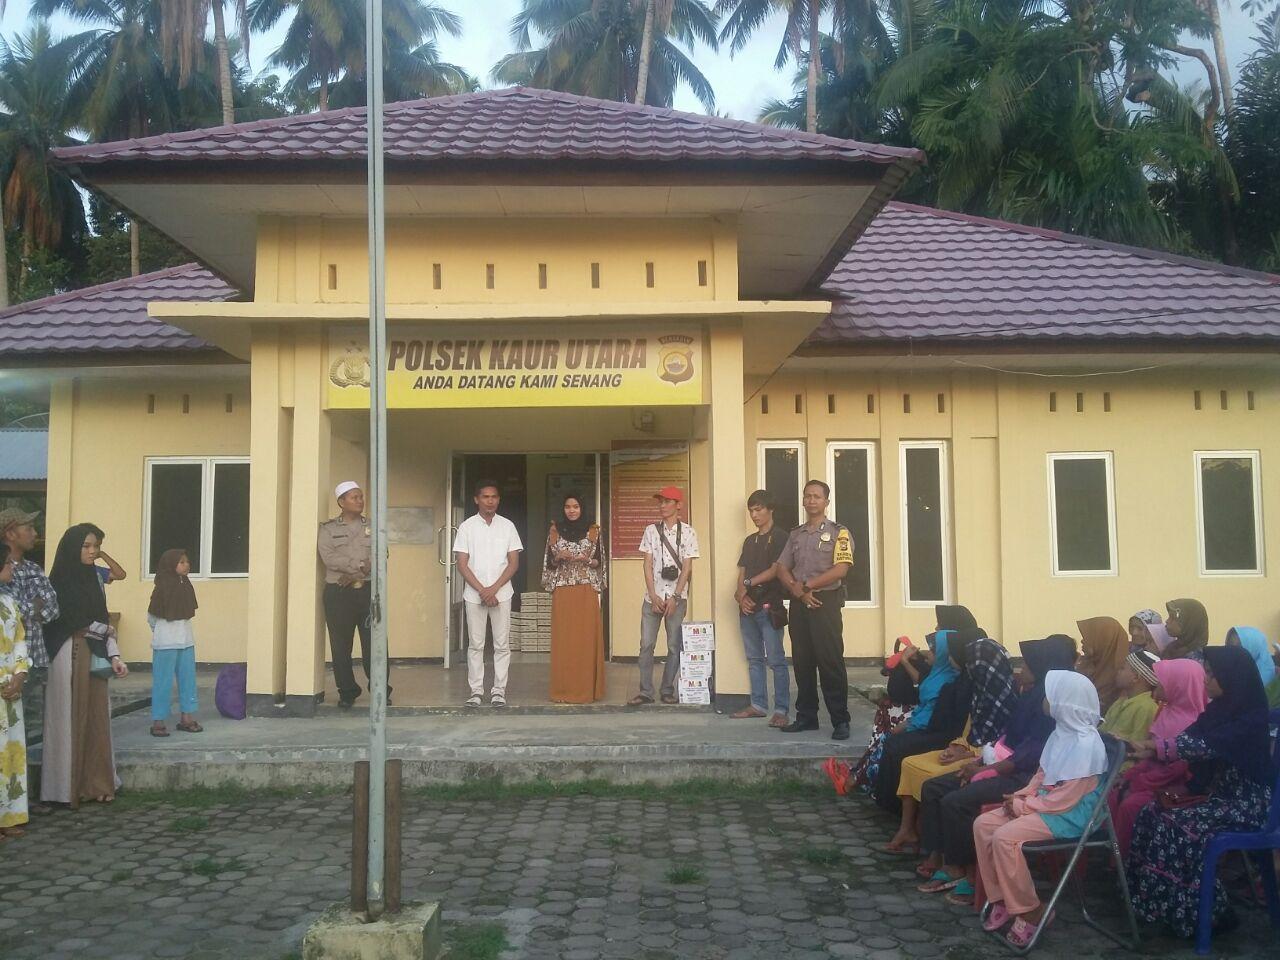 Bersama Pemuda Padang Guci, Polsek Gelar Buka Bersama dan Bagikan Takjil